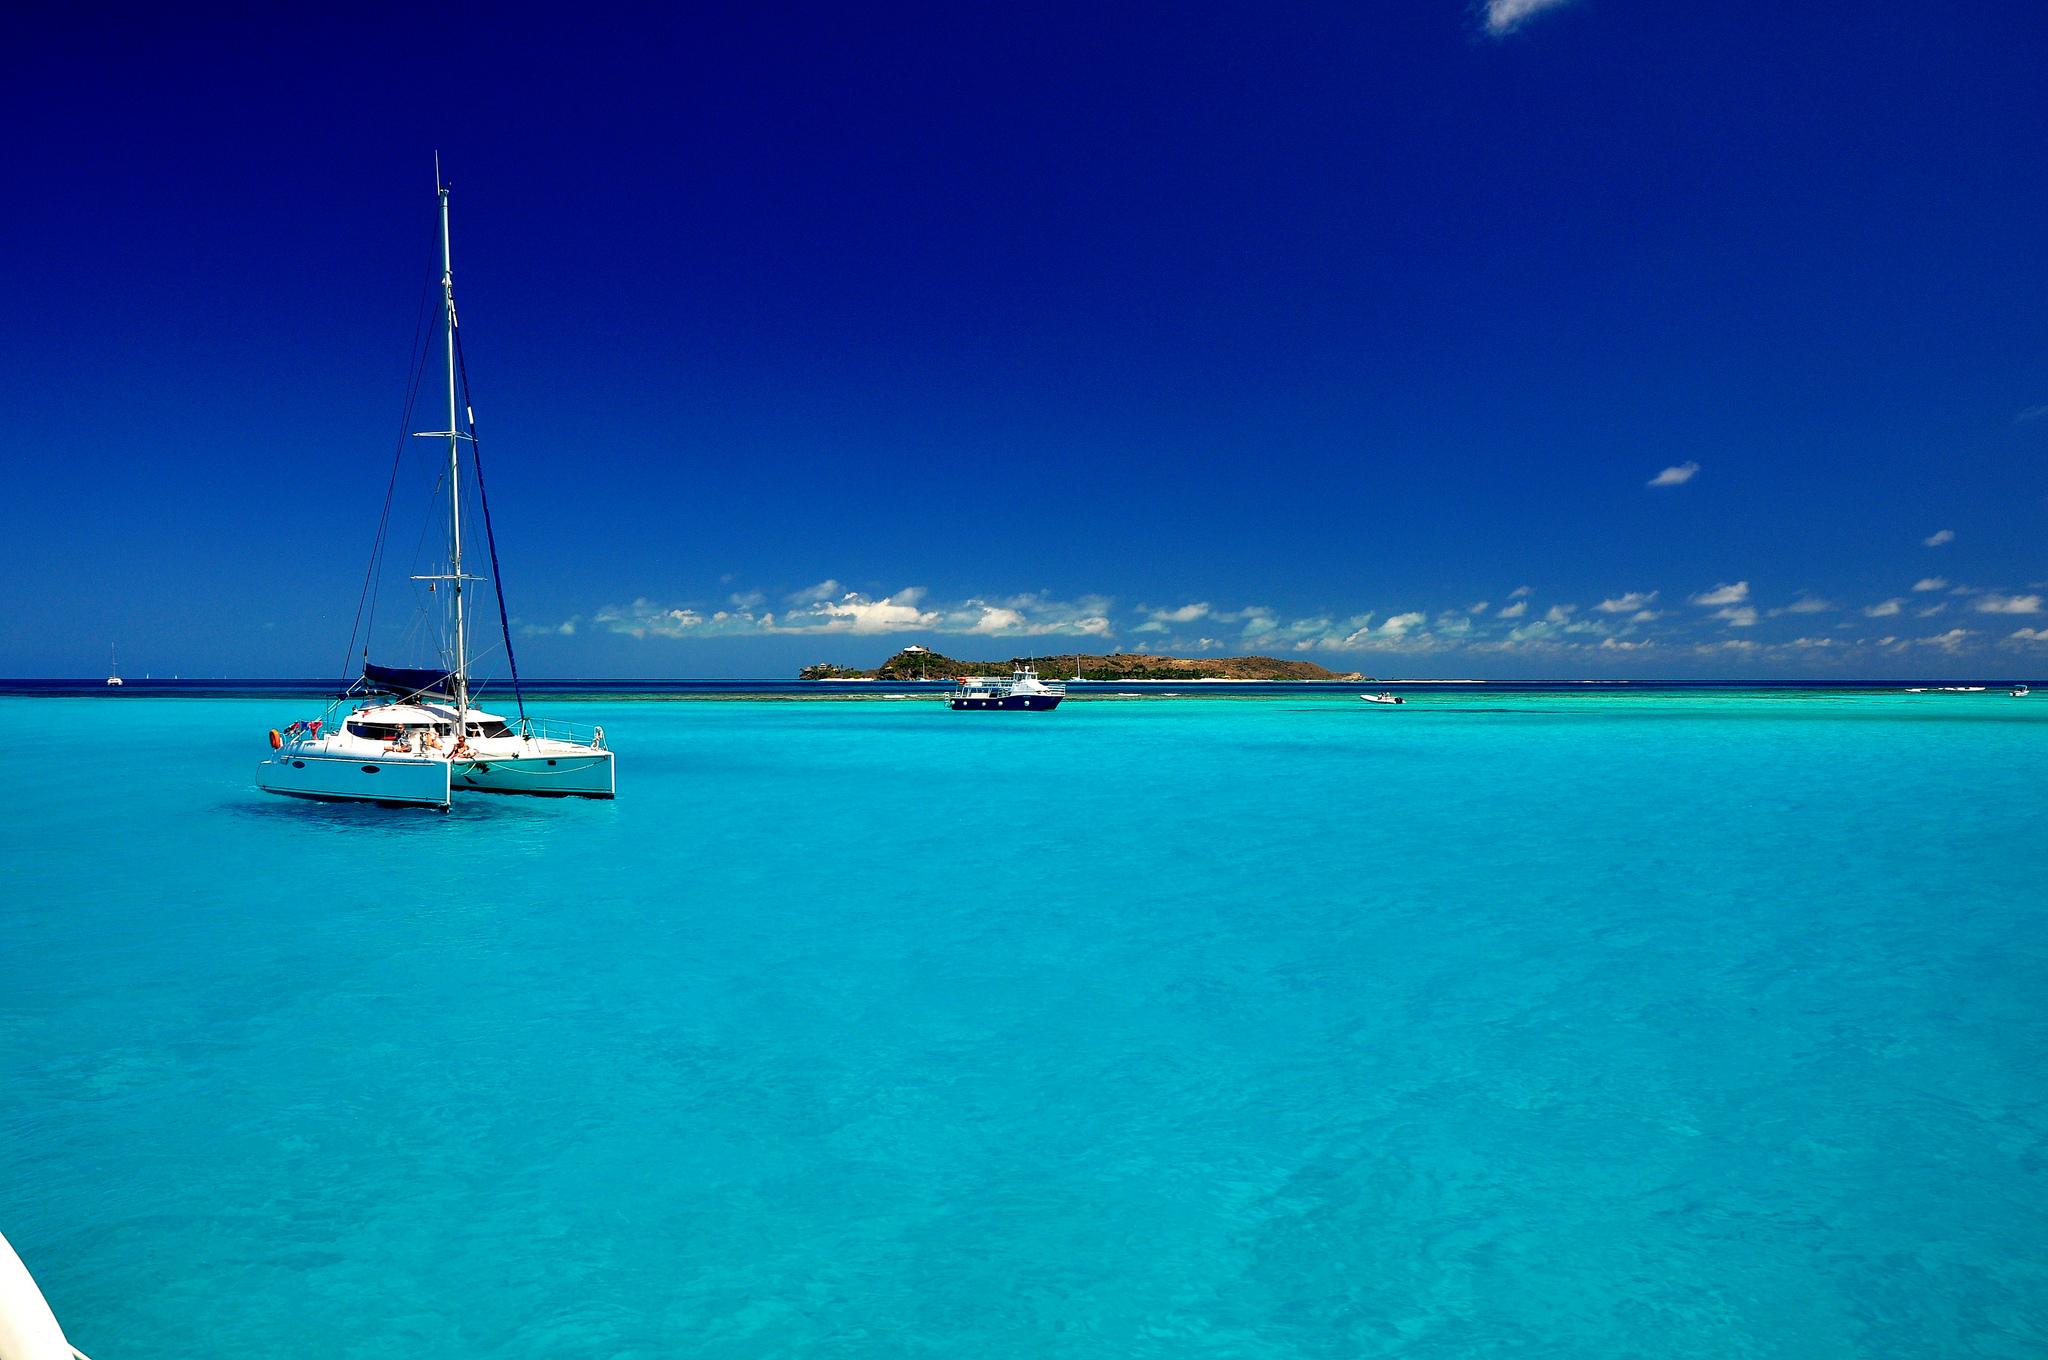 Best party islands in the world: Necker Island, British Virgin Islands